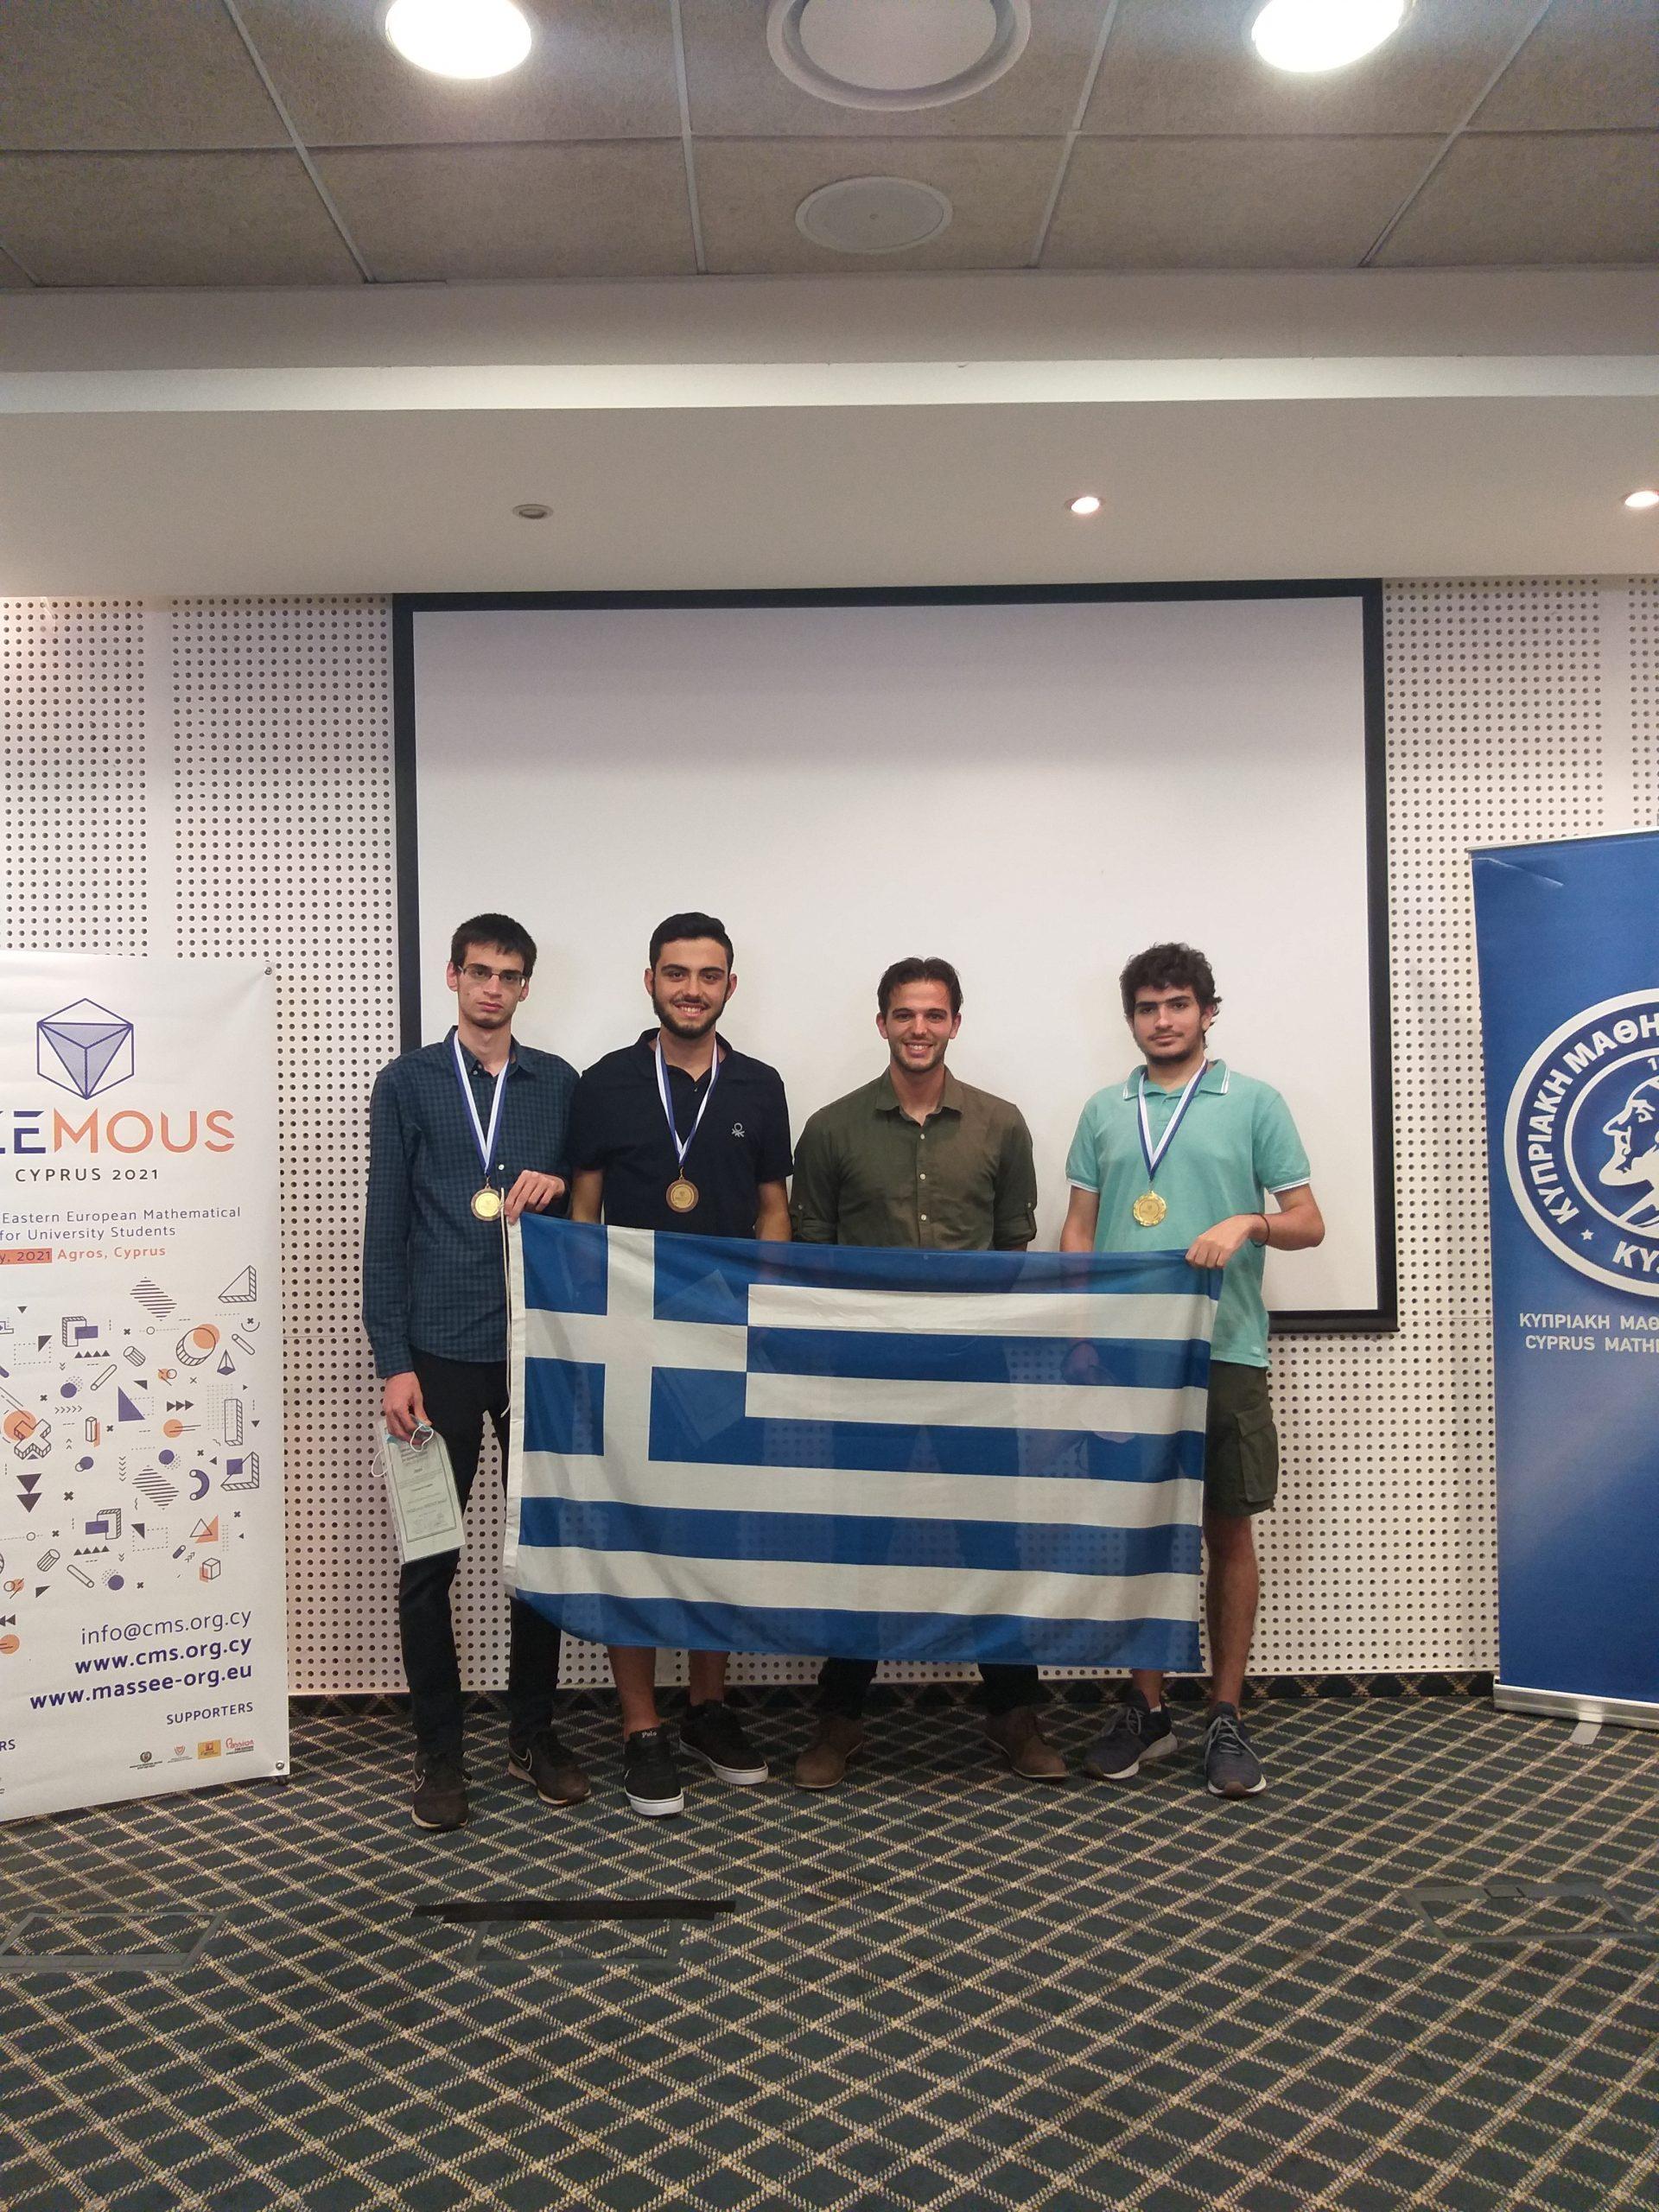 Διάκριση για το Μαθηματικό Τμήμα ΕΚΠΑ με χρυσό και δύο χάλκινα μετάλλια σε διεθνή διαγωνισμό